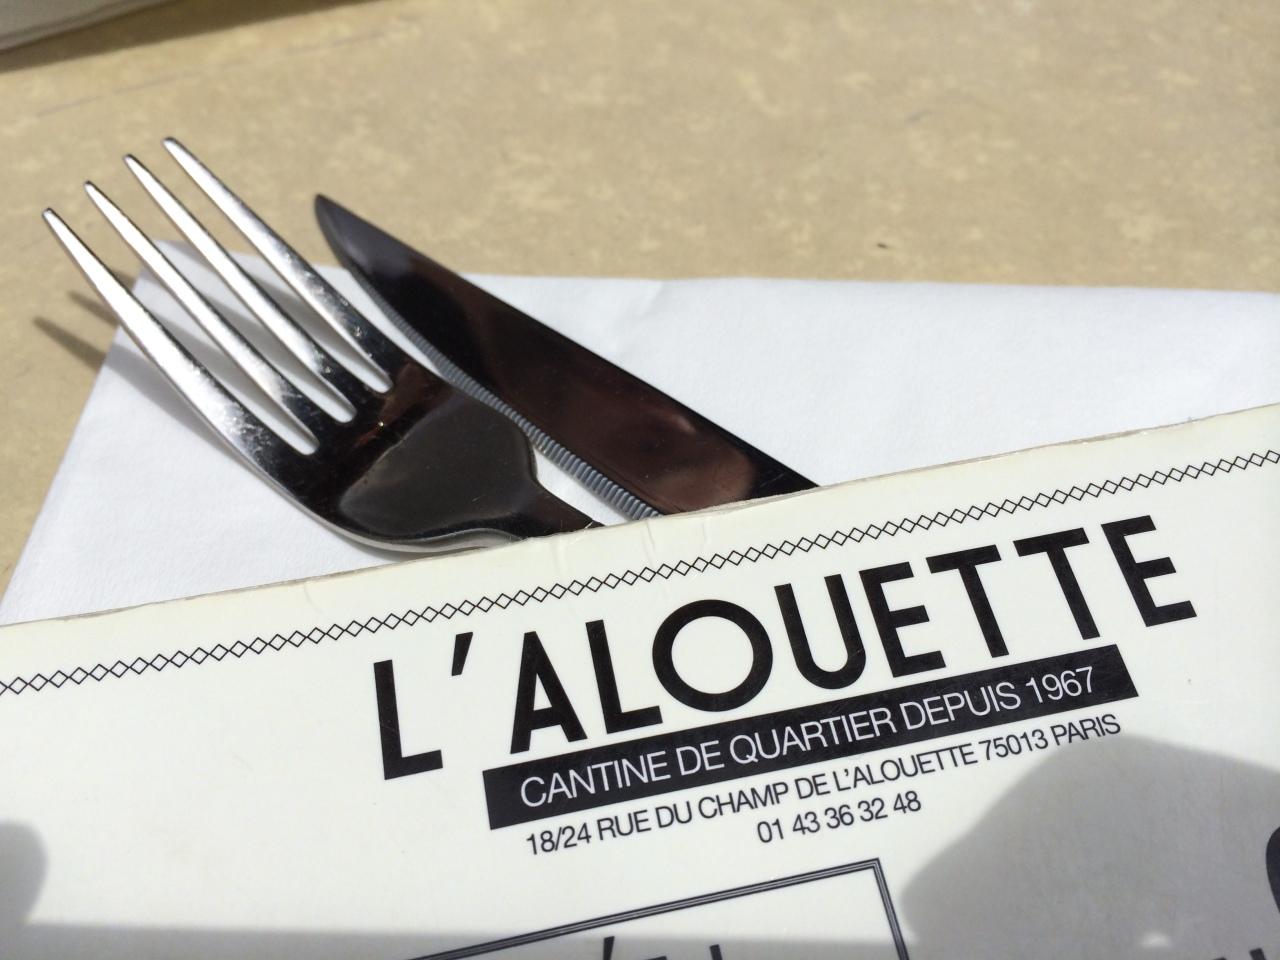 L'ALOUETTE